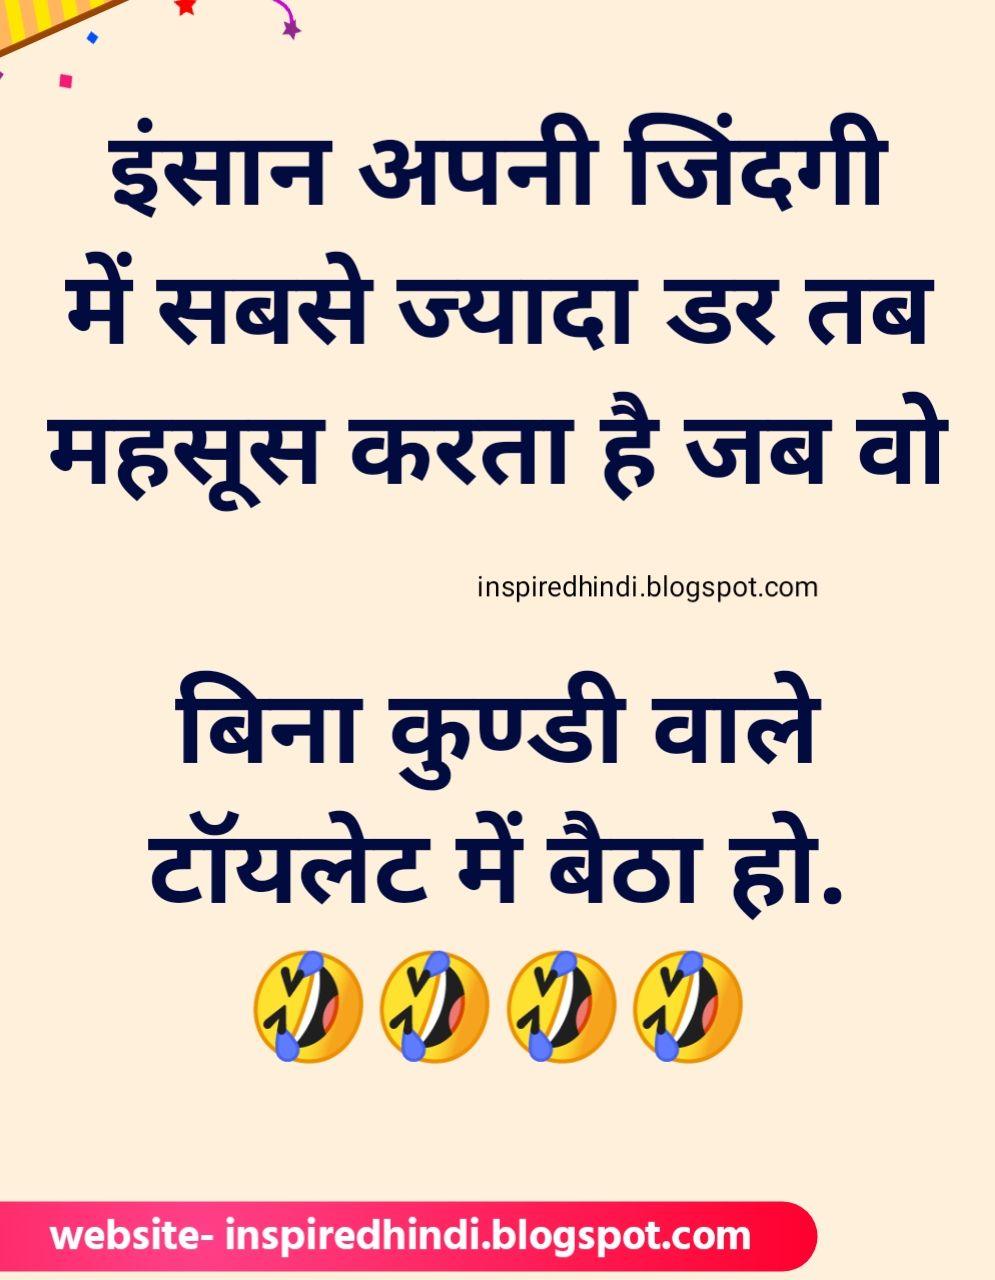 Top Jokes Of The Day Funny Jokes In Hindi Hindi Chutkule Funny Jokes In Hindi New Funny Jokes Top Jokes